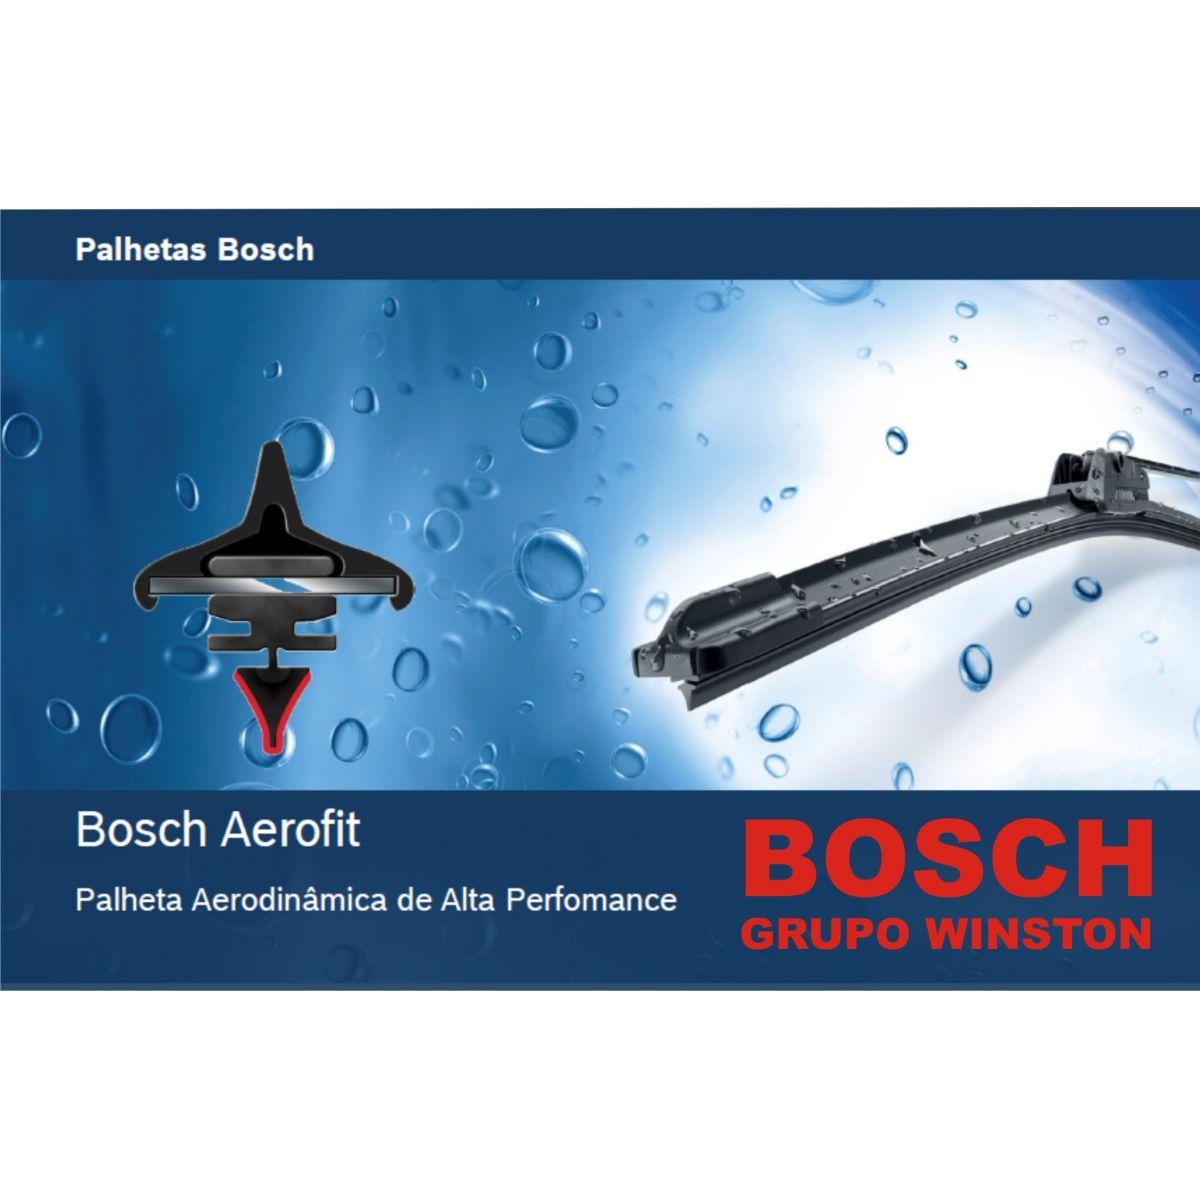 Palheta Bosch Aerofit Limpador de para brisa Bosch JAC J2 2012 em diante